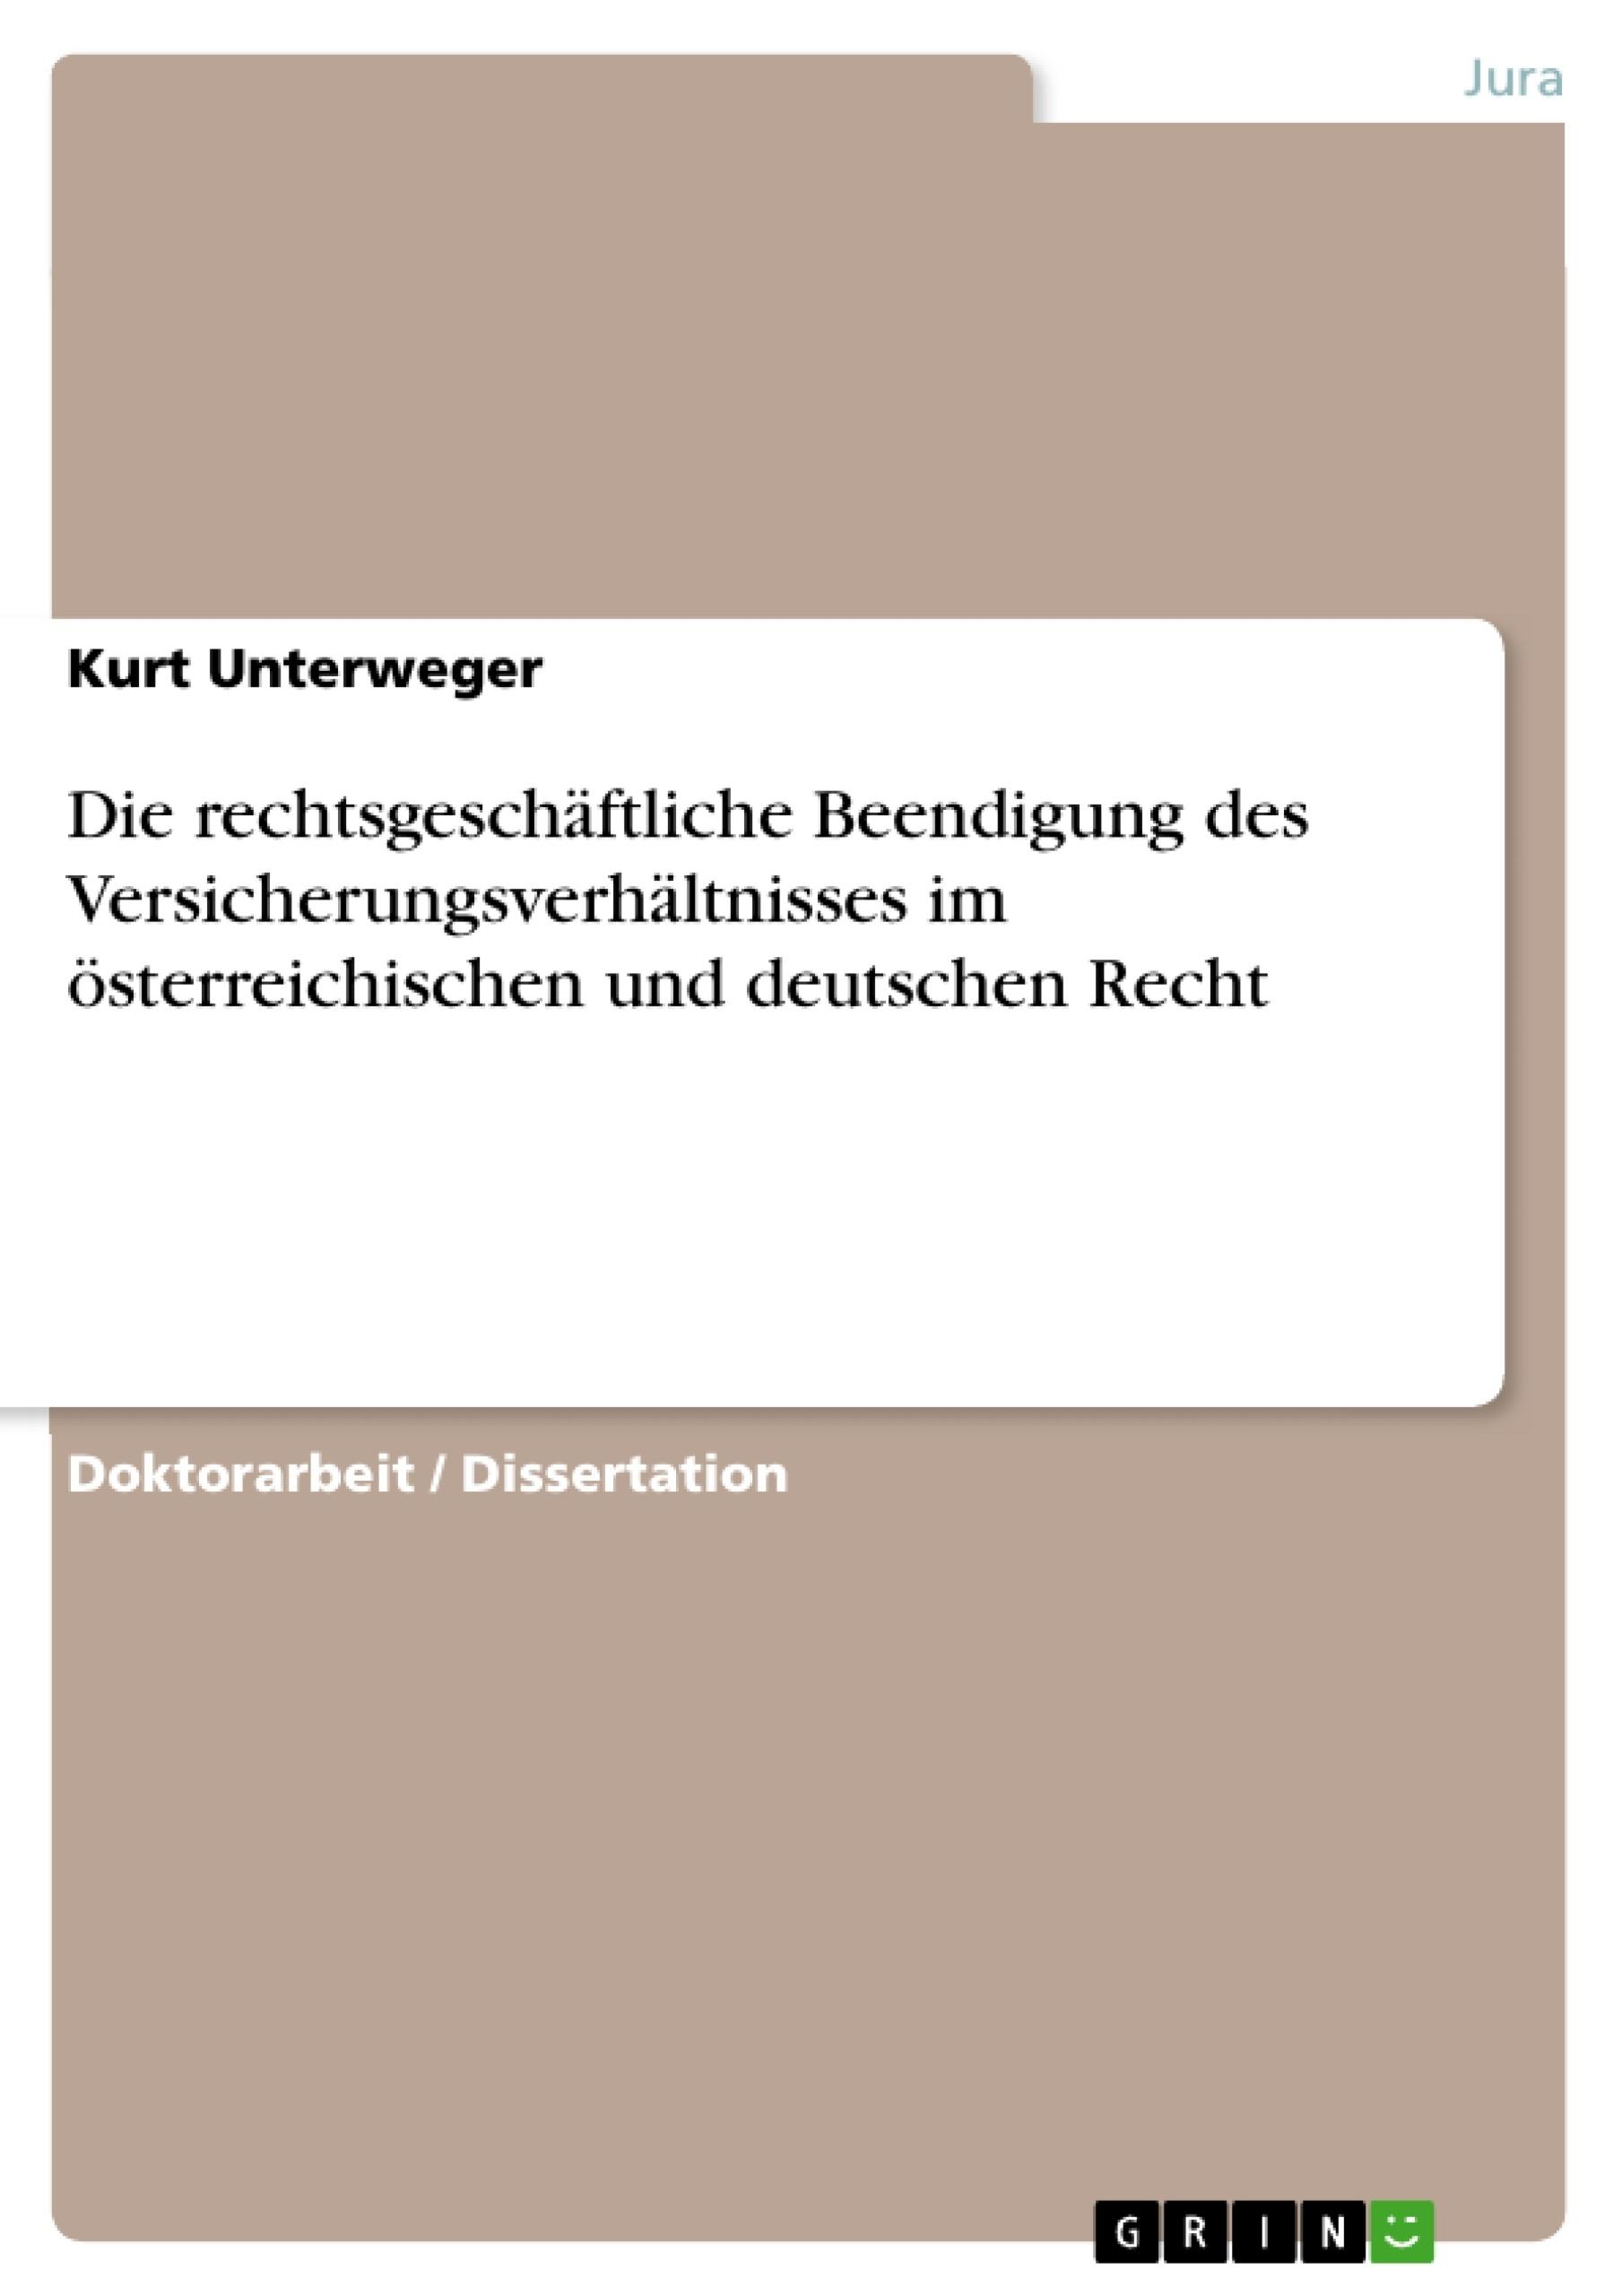 Titel: Die rechtsgeschäftliche Beendigung des Versicherungsverhältnisses im österreichischen und deutschen Recht